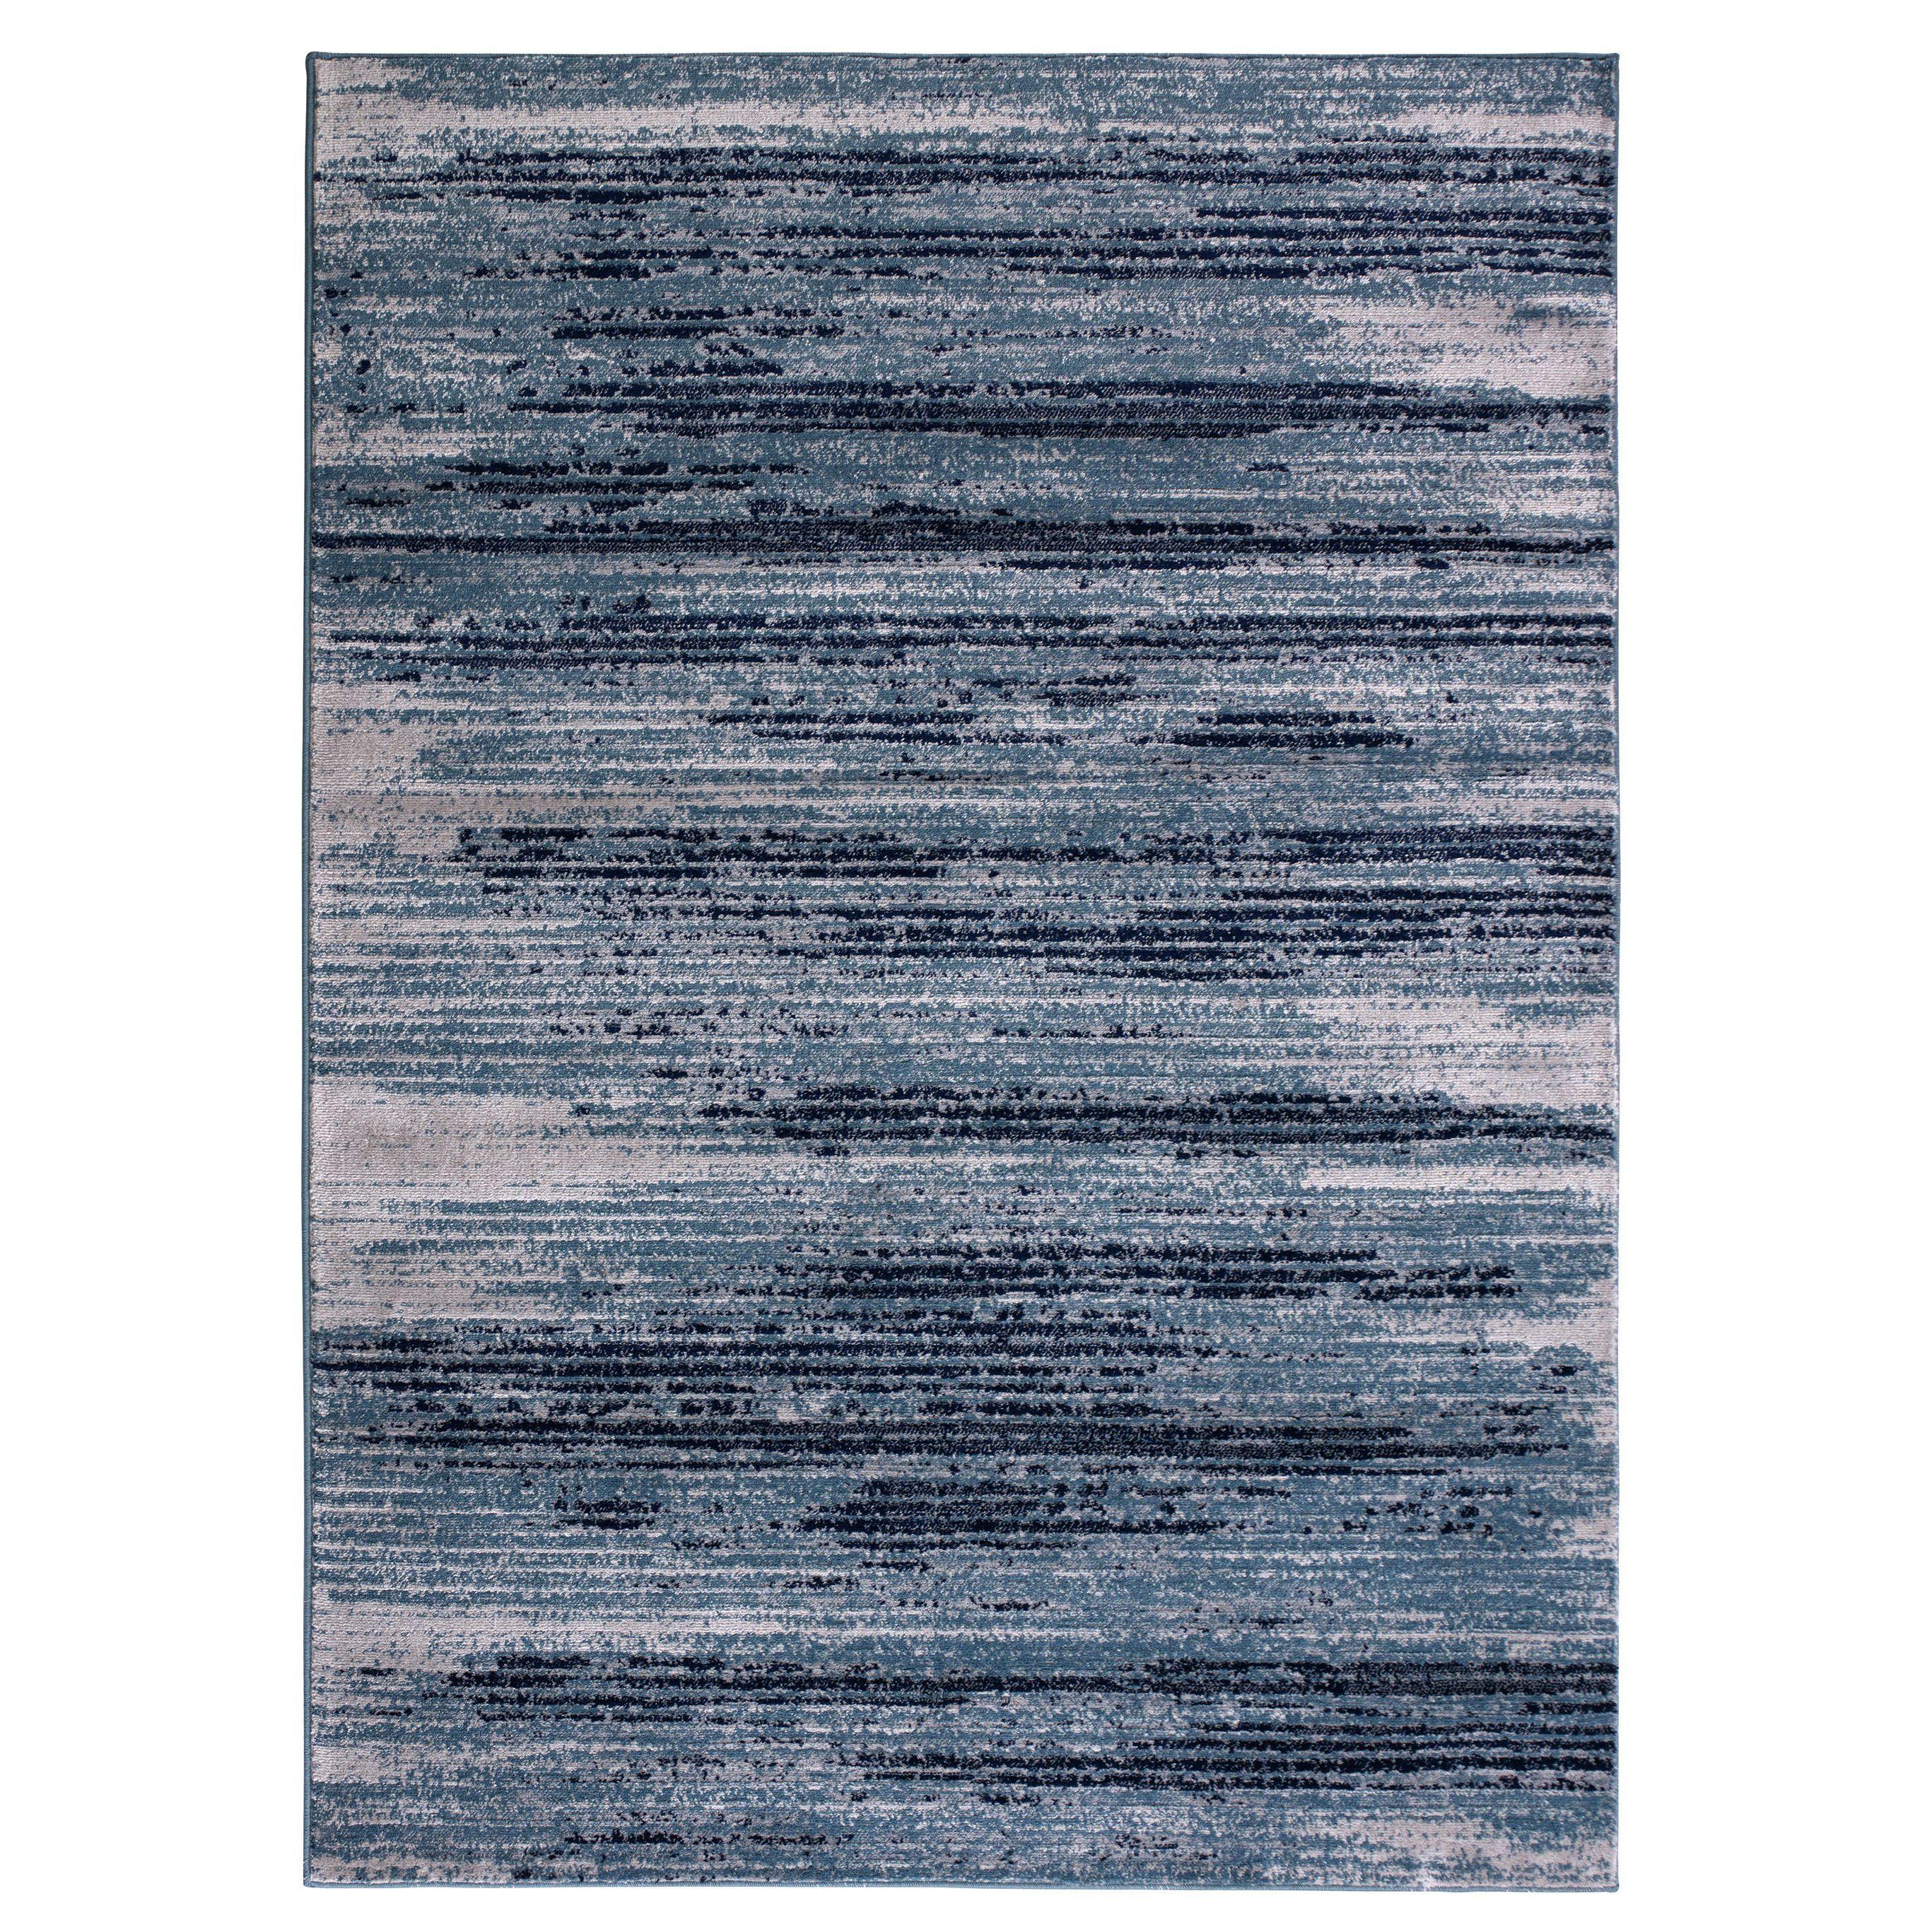 Jasmin Collection Sage Beige Polypropylene Stripes Area Rug 5 3 X